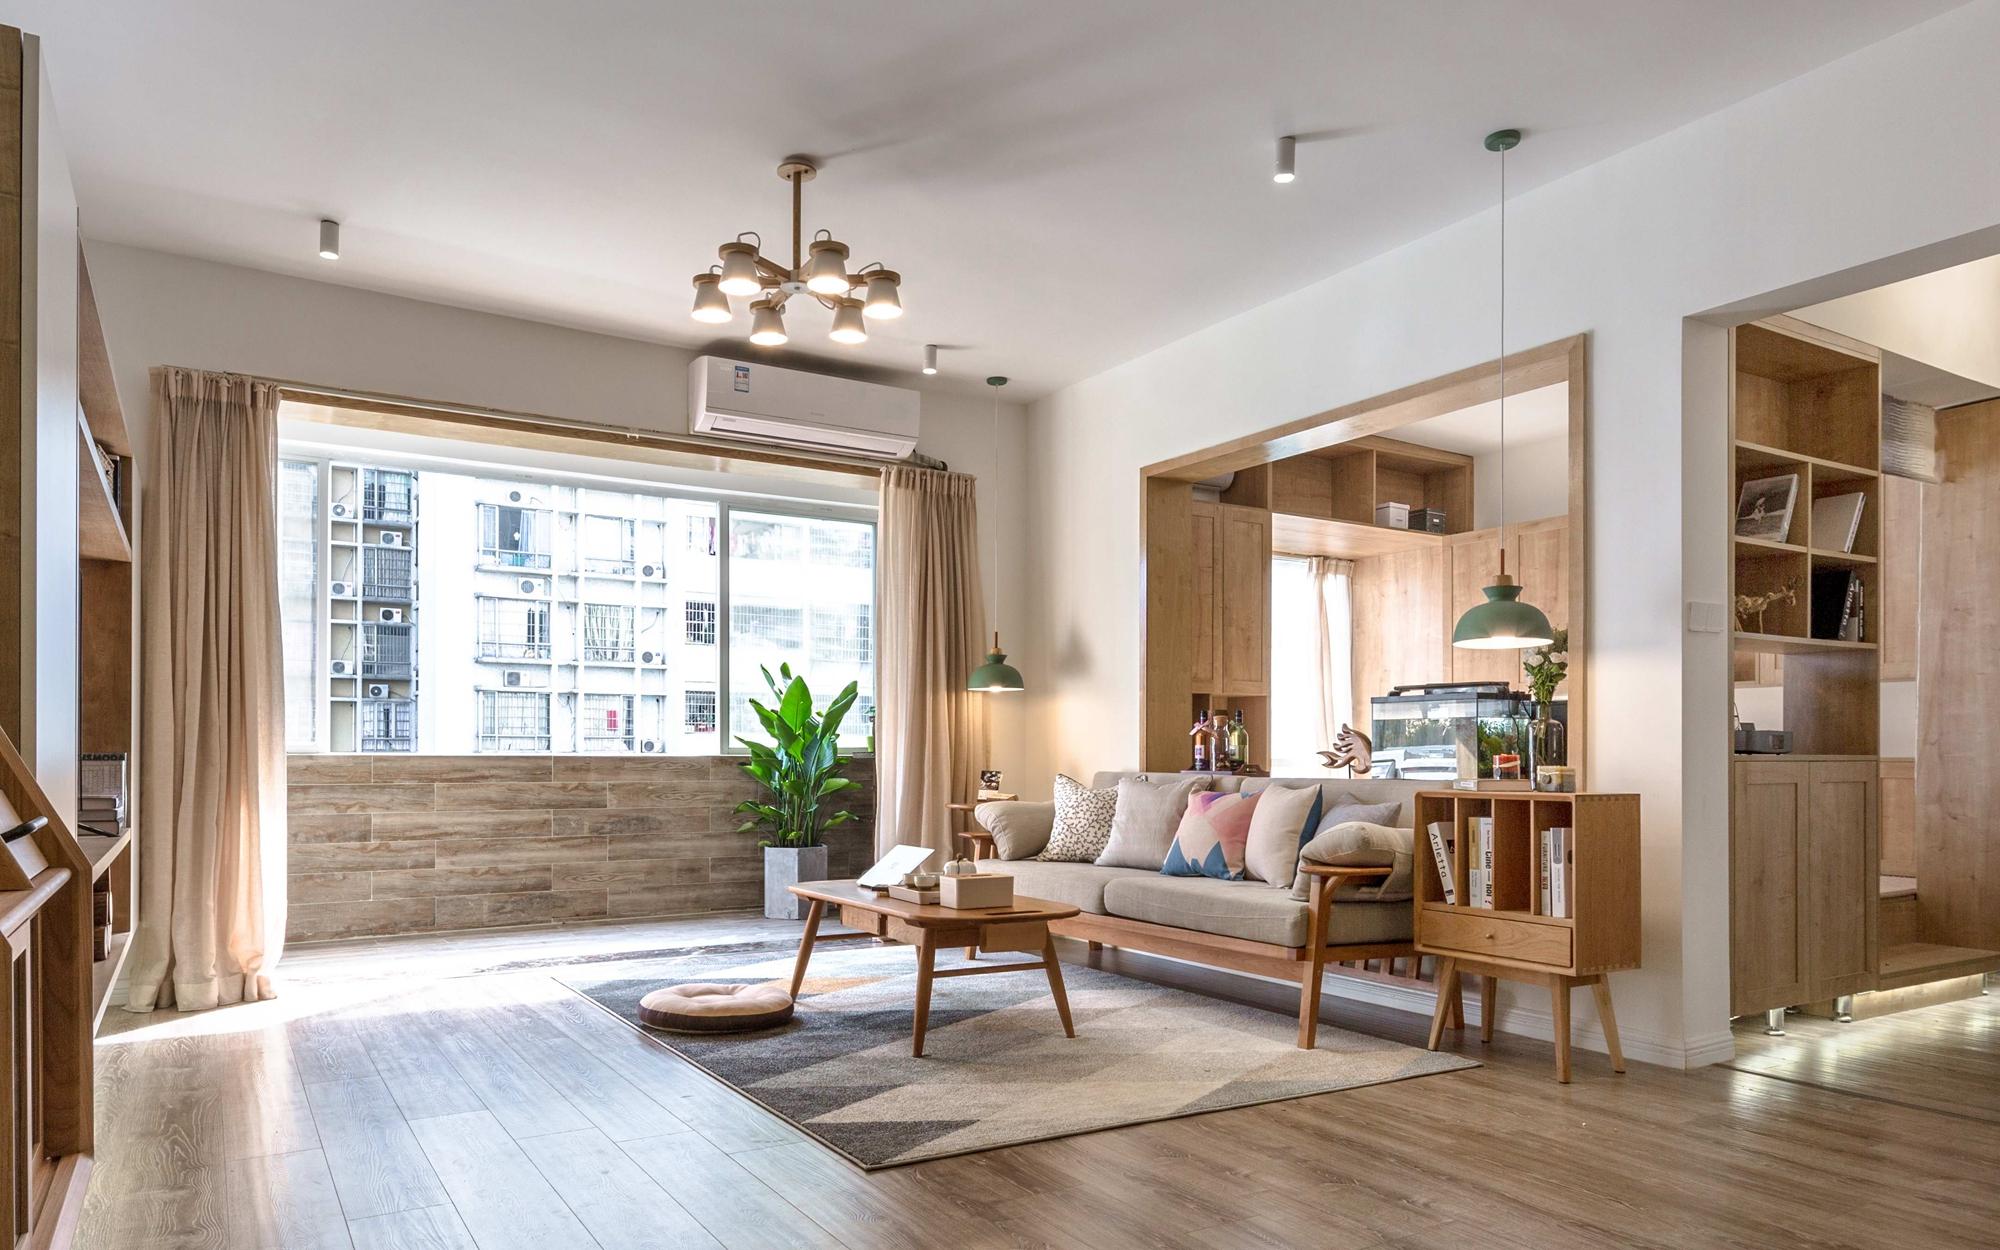 三居室日式风格设计客厅效果图